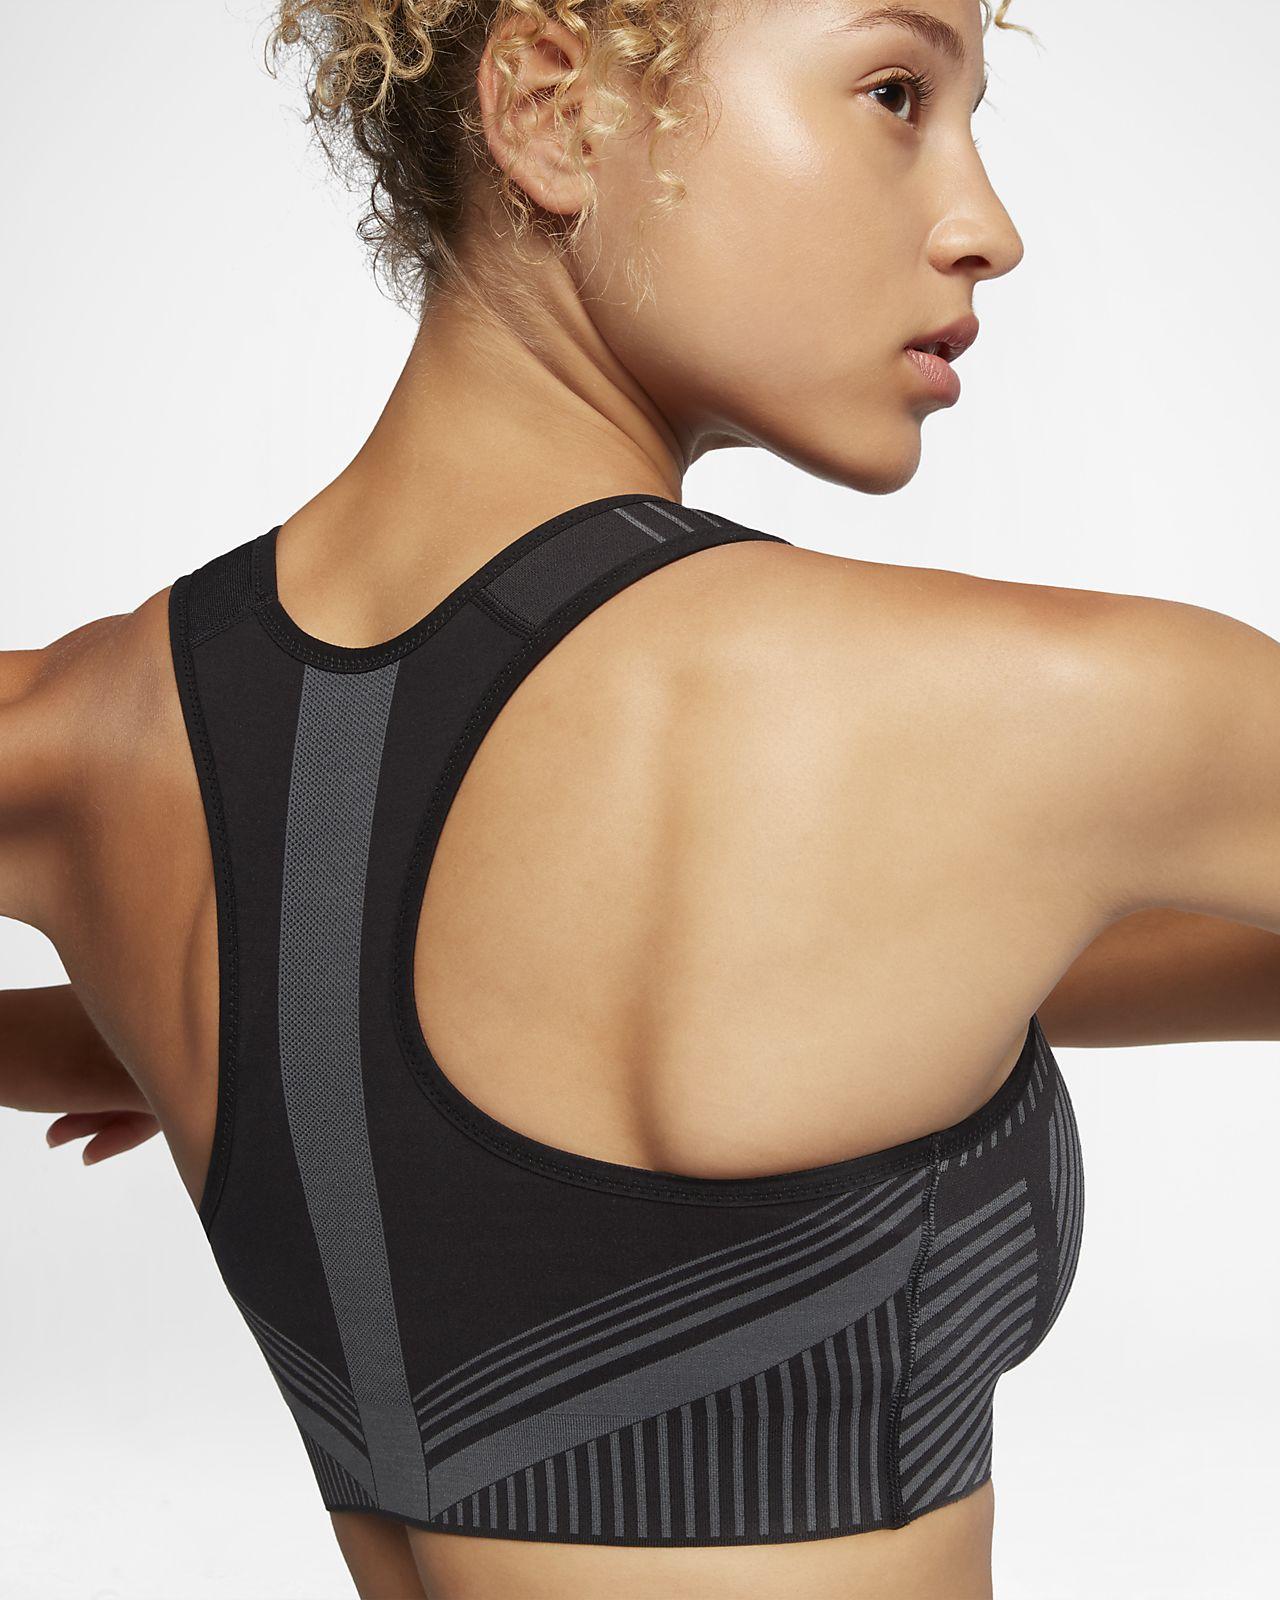 55e8fa05d67b0 Nike FE/NOM Flyknit Women's High-Support Sports Bra